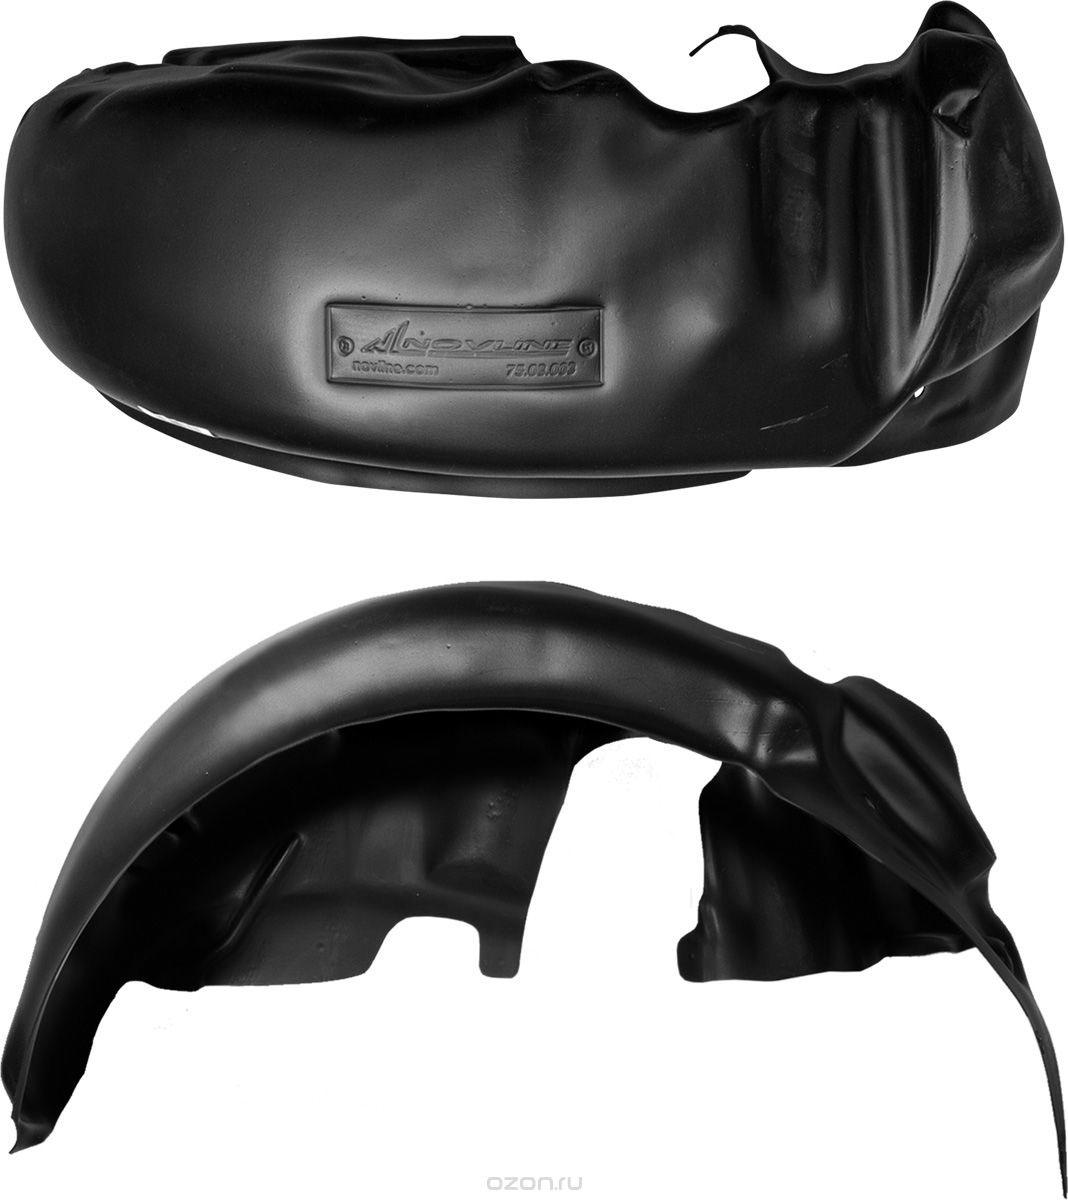 Подкрылок Novline-Autofamily, для SSANG YONG Rexton 2001-2008 под расширитель, задний левыйNLL.61.01.013Идеальная защита колесной ниши. Локеры разработаны с применением цифровых технологий, гарантируют максимальную повторяемость поверхности арки. Изделия устанавливаются без нарушения лакокрасочного покрытия автомобиля, каждый подкрылок комплектуется крепежом. Уважаемые клиенты, обращаем ваше внимание, что фотографии на подкрылки универсальные и не отражают реальную форму изделия. При этом само изделие идет точно под размер указанного автомобиля.